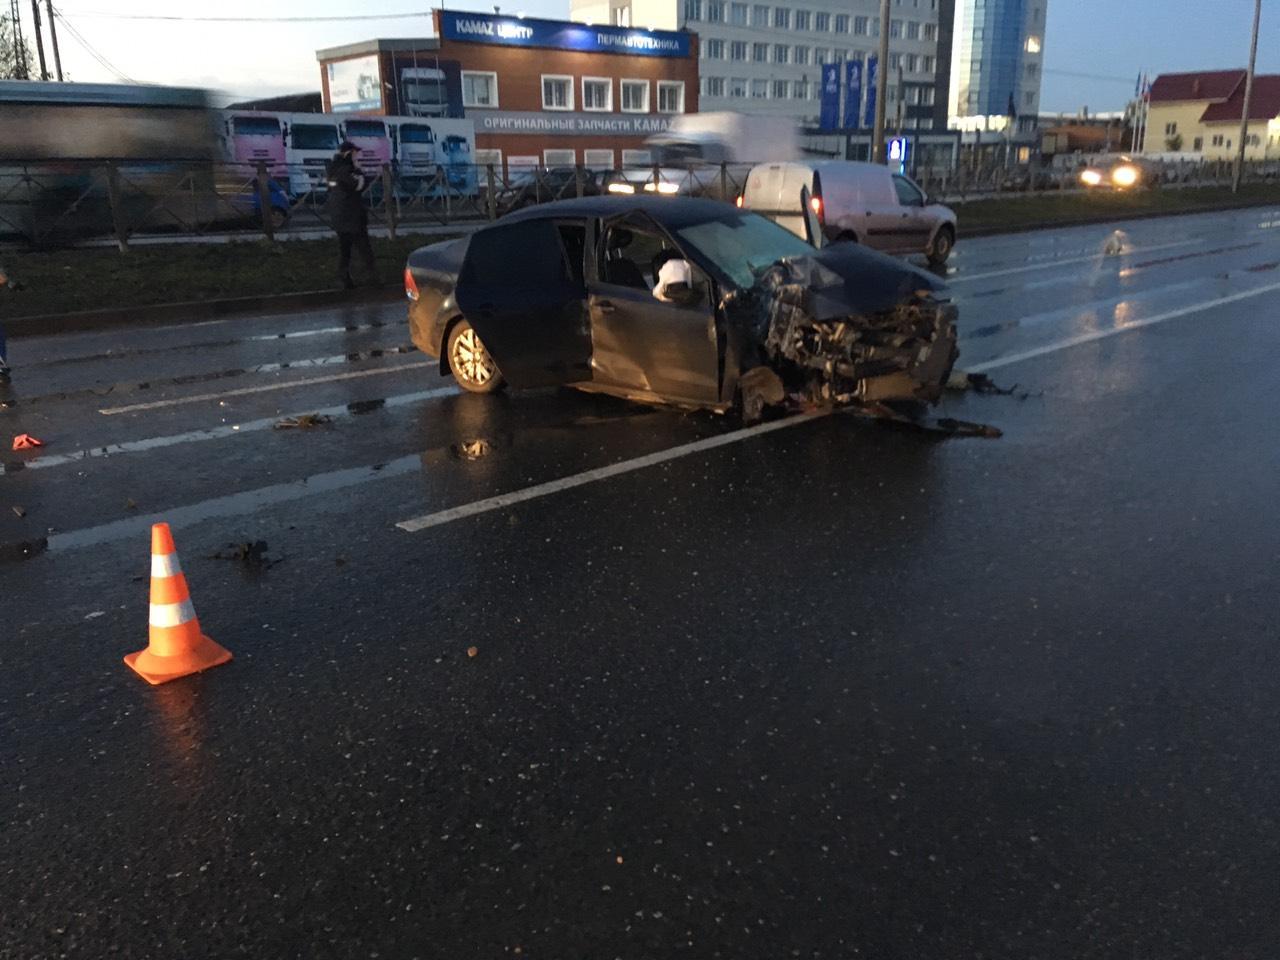 В результате столкновения водитель Volkswagen погиб на месте до прибытия скорой помощи